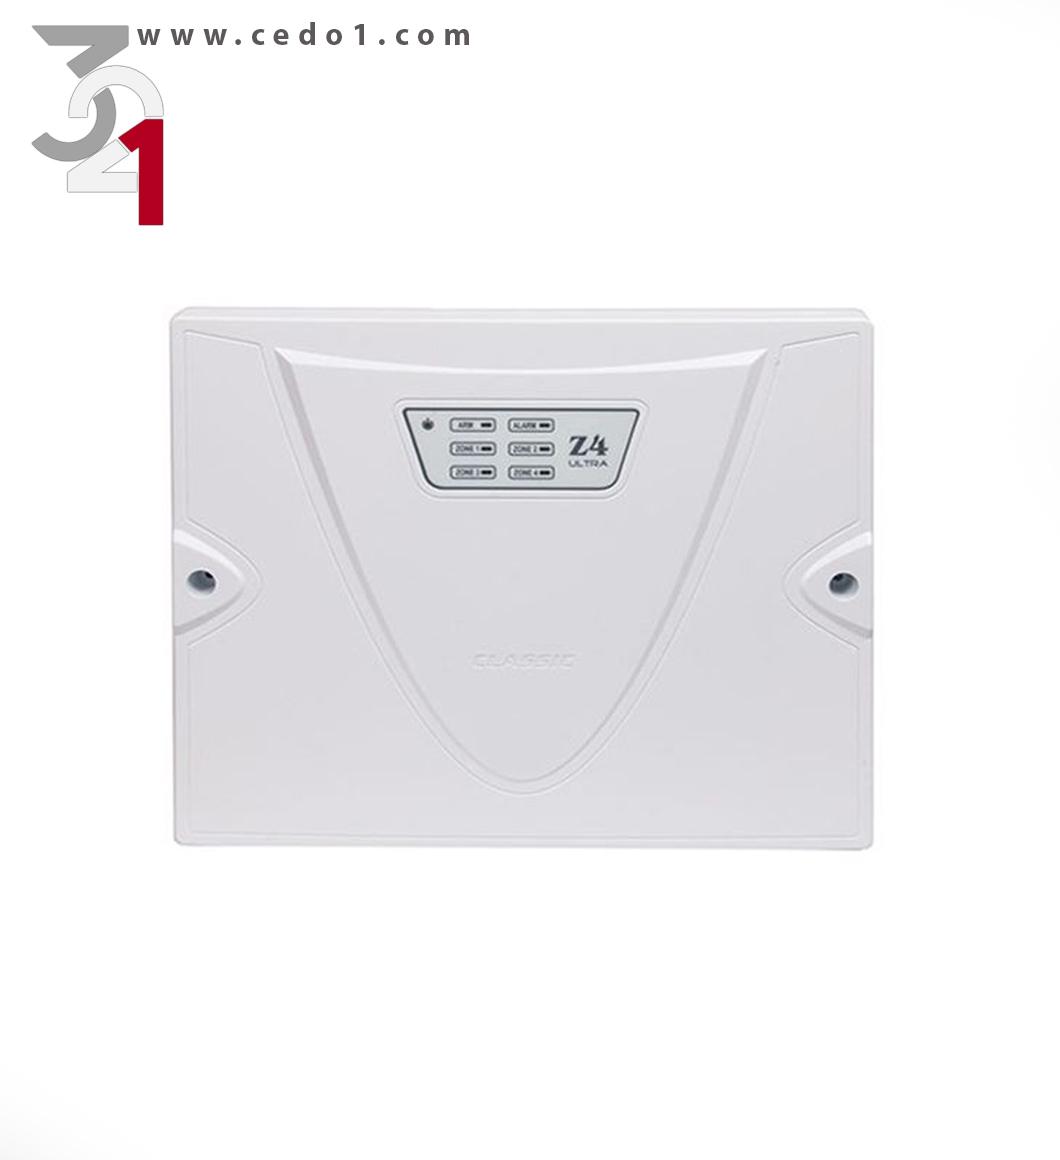 پنل دزدگیر ( اعلام سرقت ) کلاسیک ULTRA+64